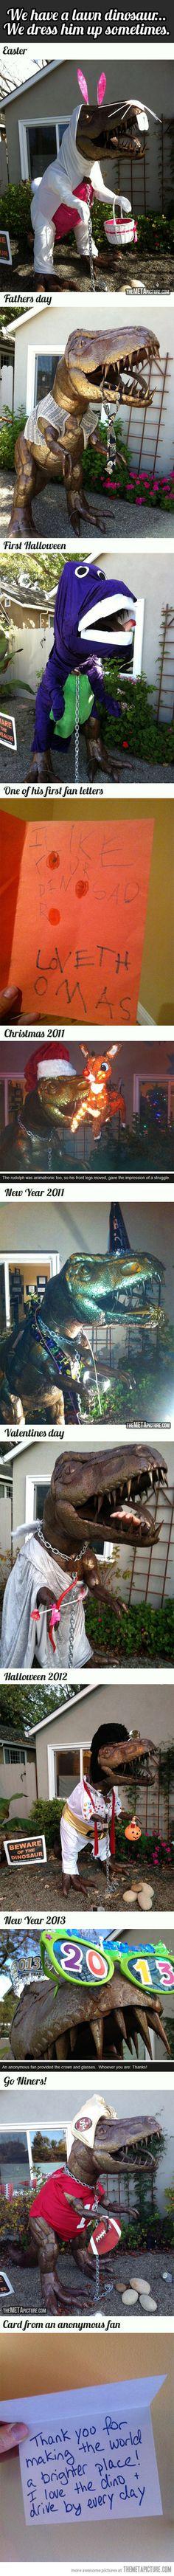 Lawn dinosaur, I want one